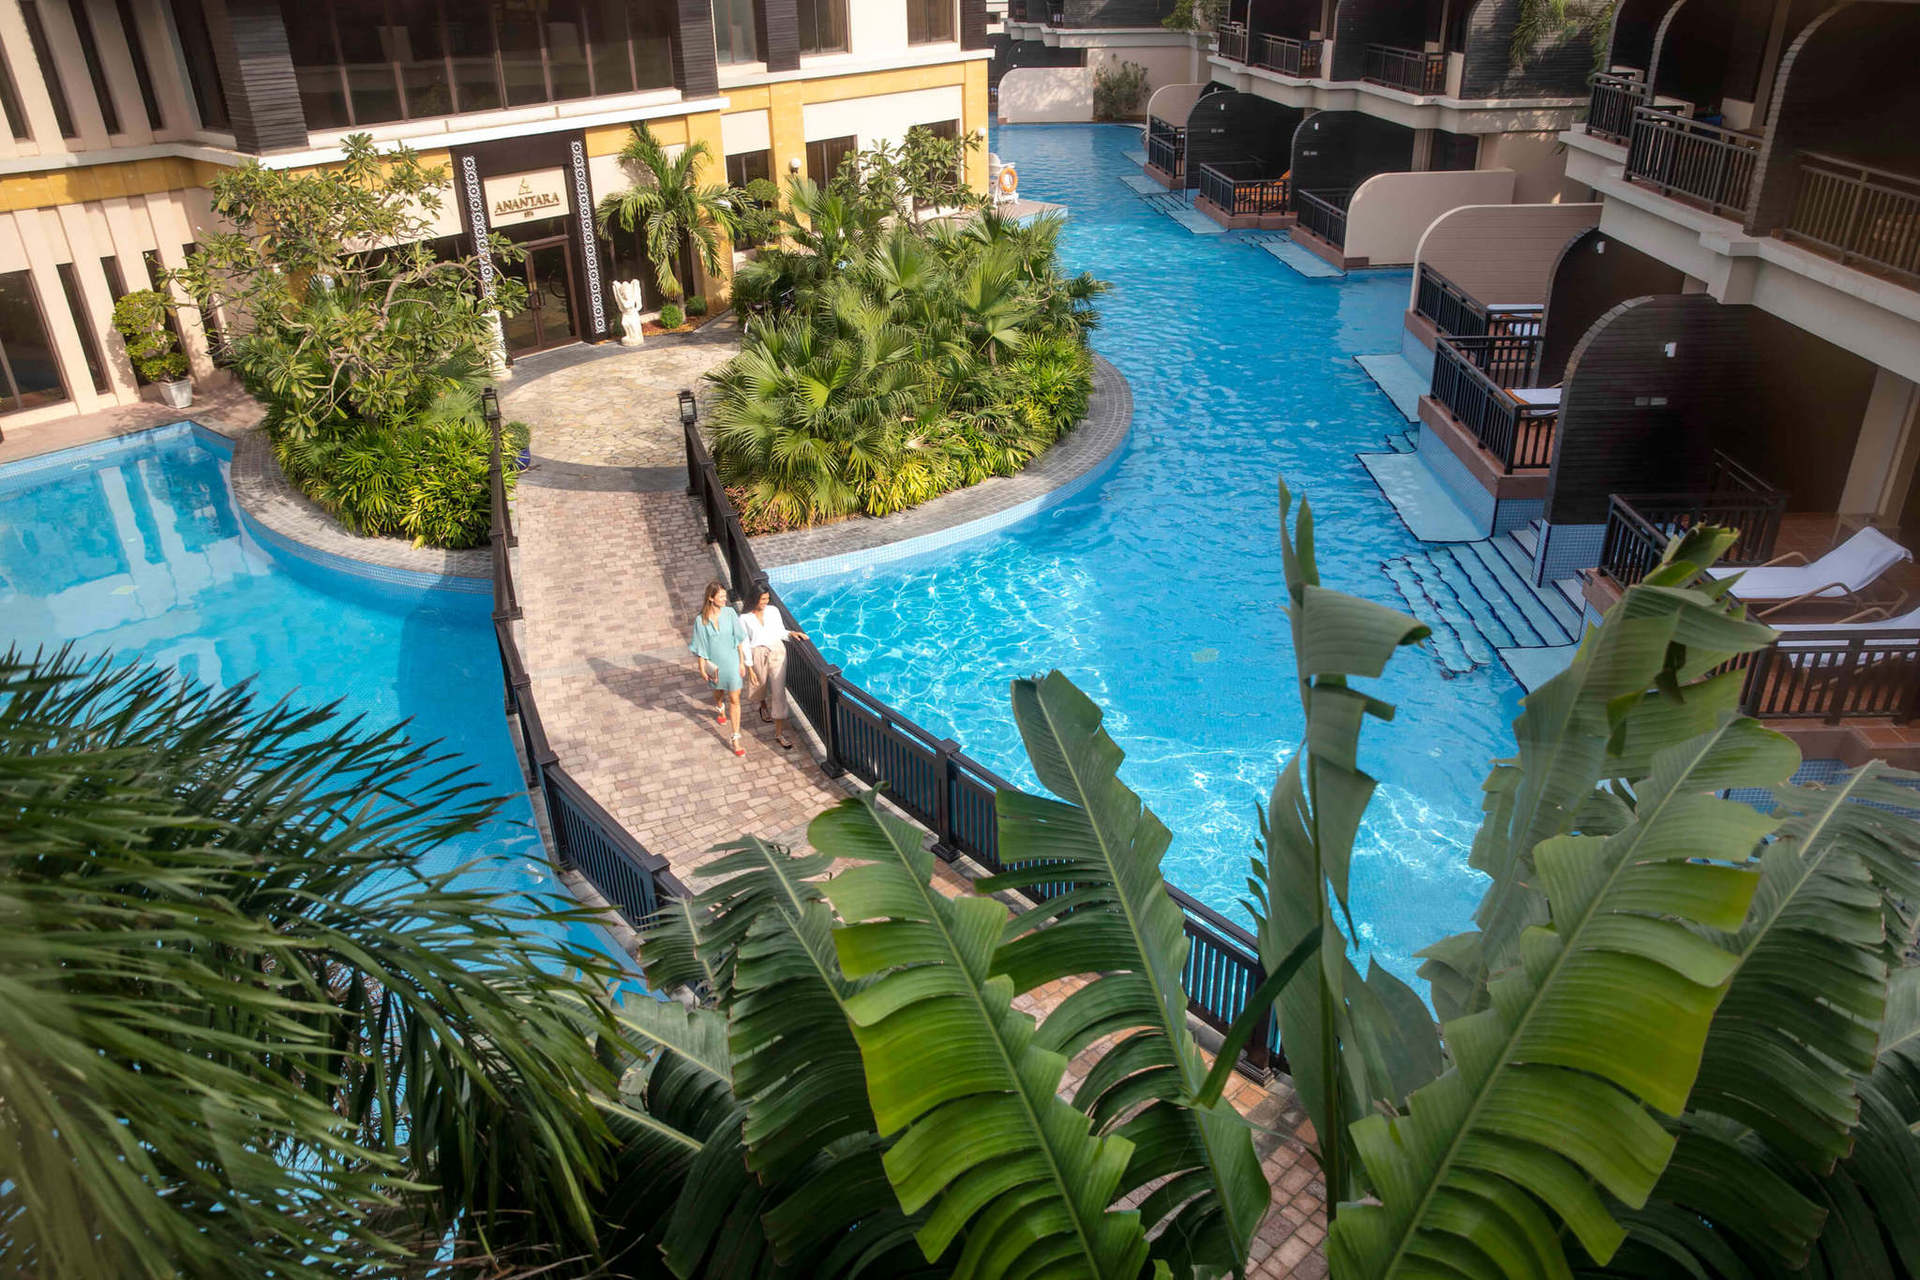 Есть возможность круглосуточно плавать в бассейне, выход к которому имеют категории номеров lagoon access